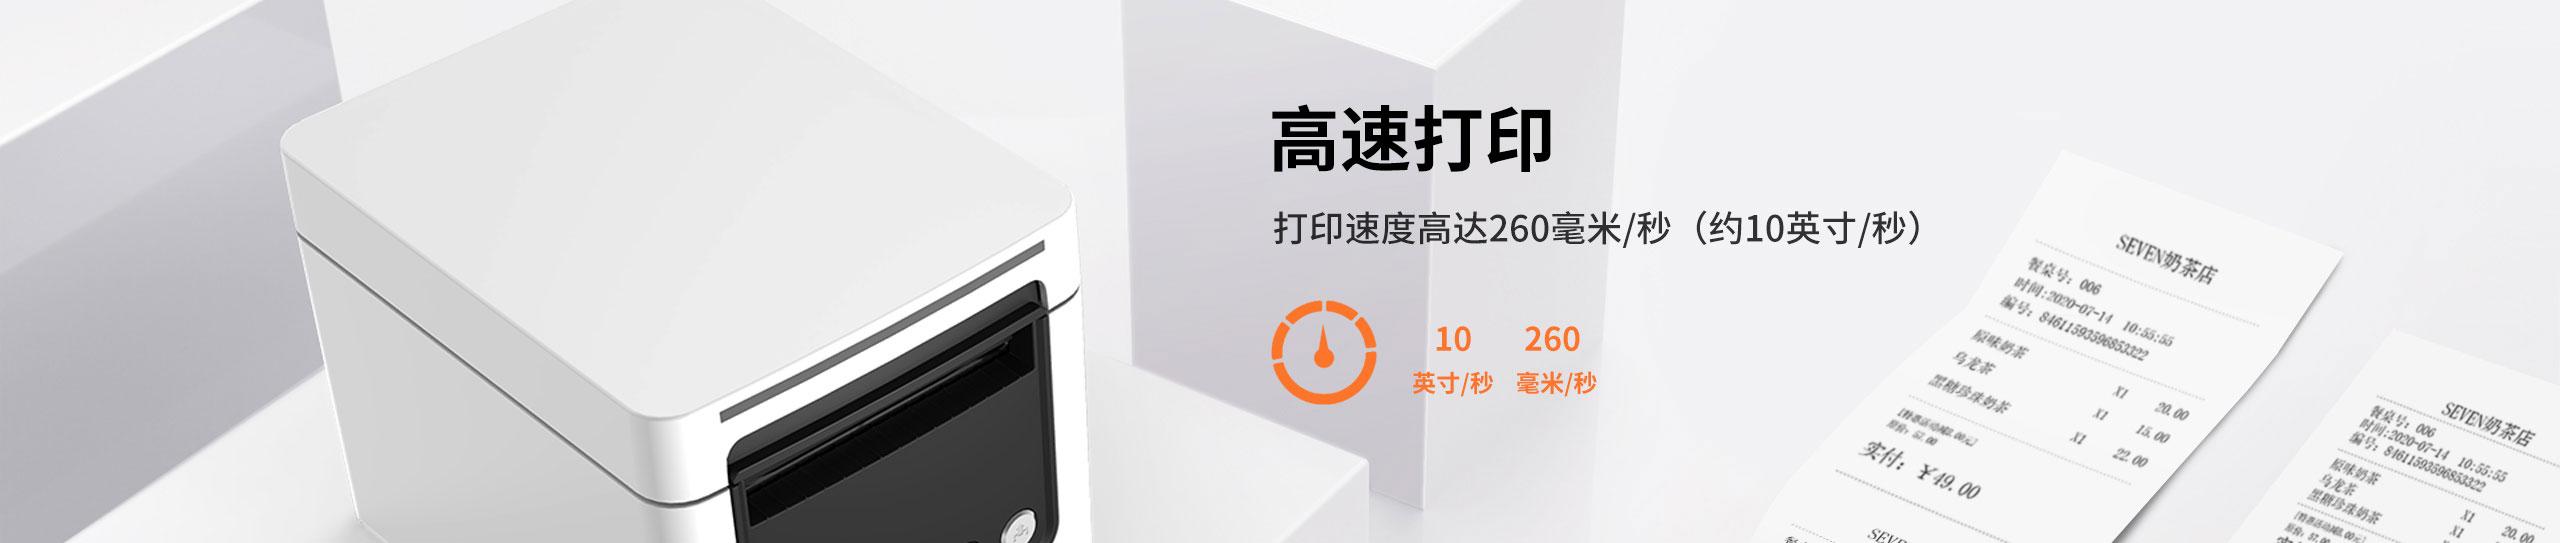 TP809热敏票据打印机,黑白两色可选  第29张